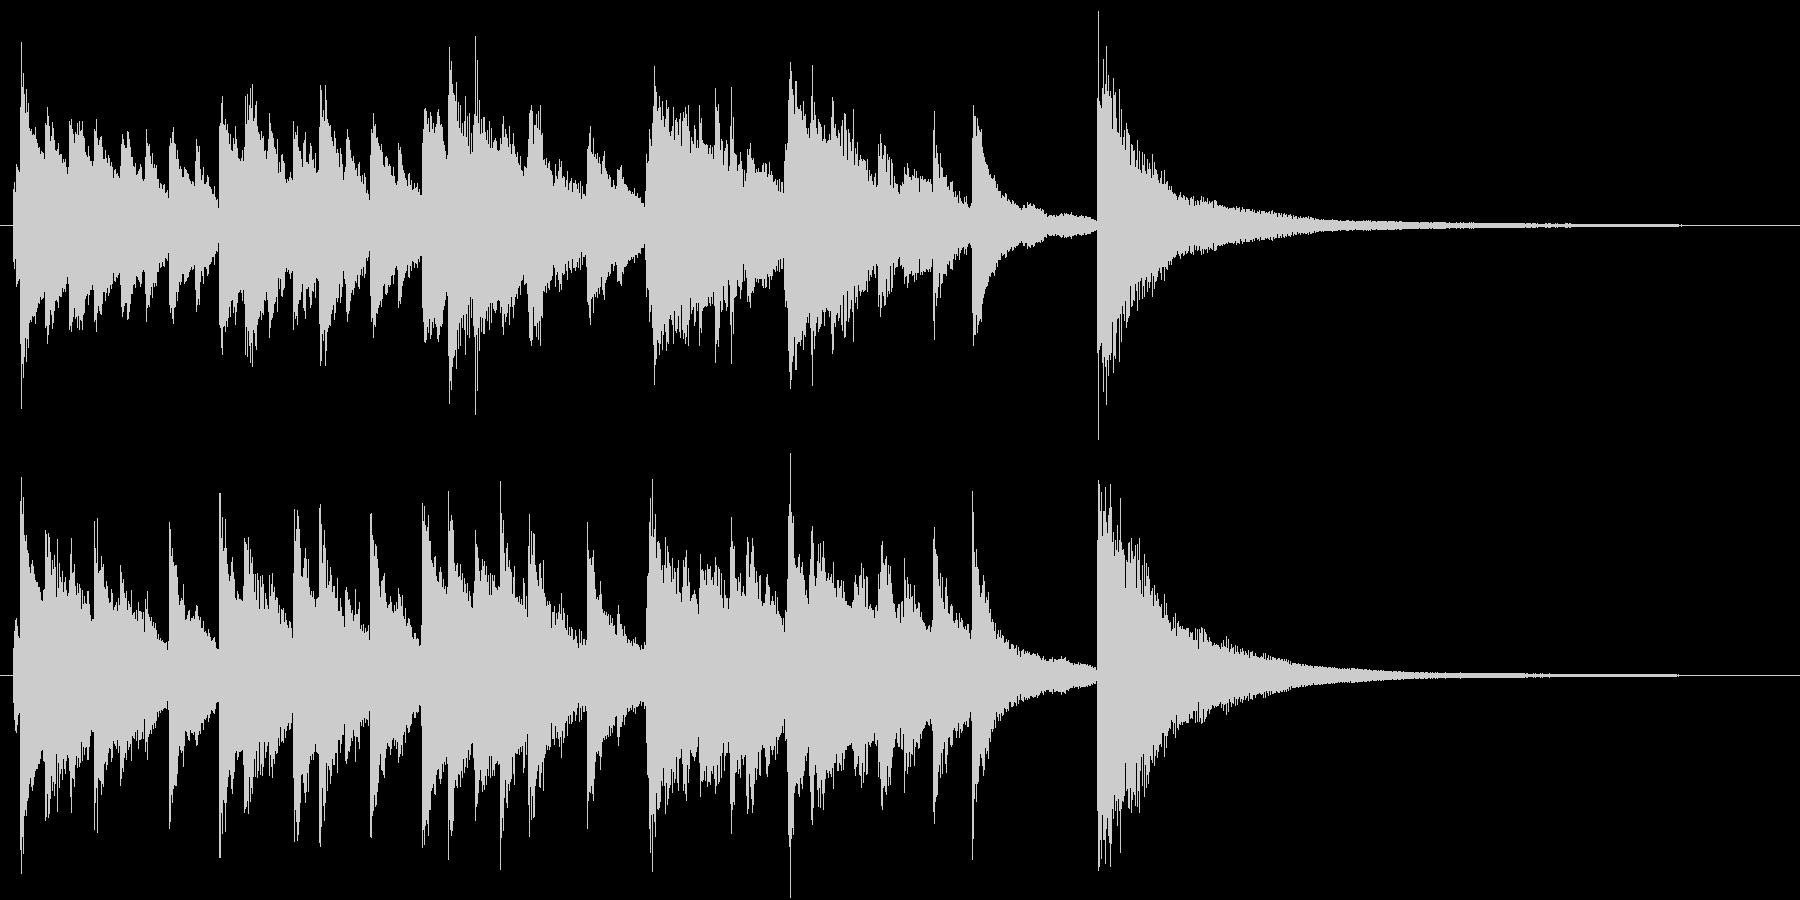 動画のエンディング向けピアノソロジングルの未再生の波形